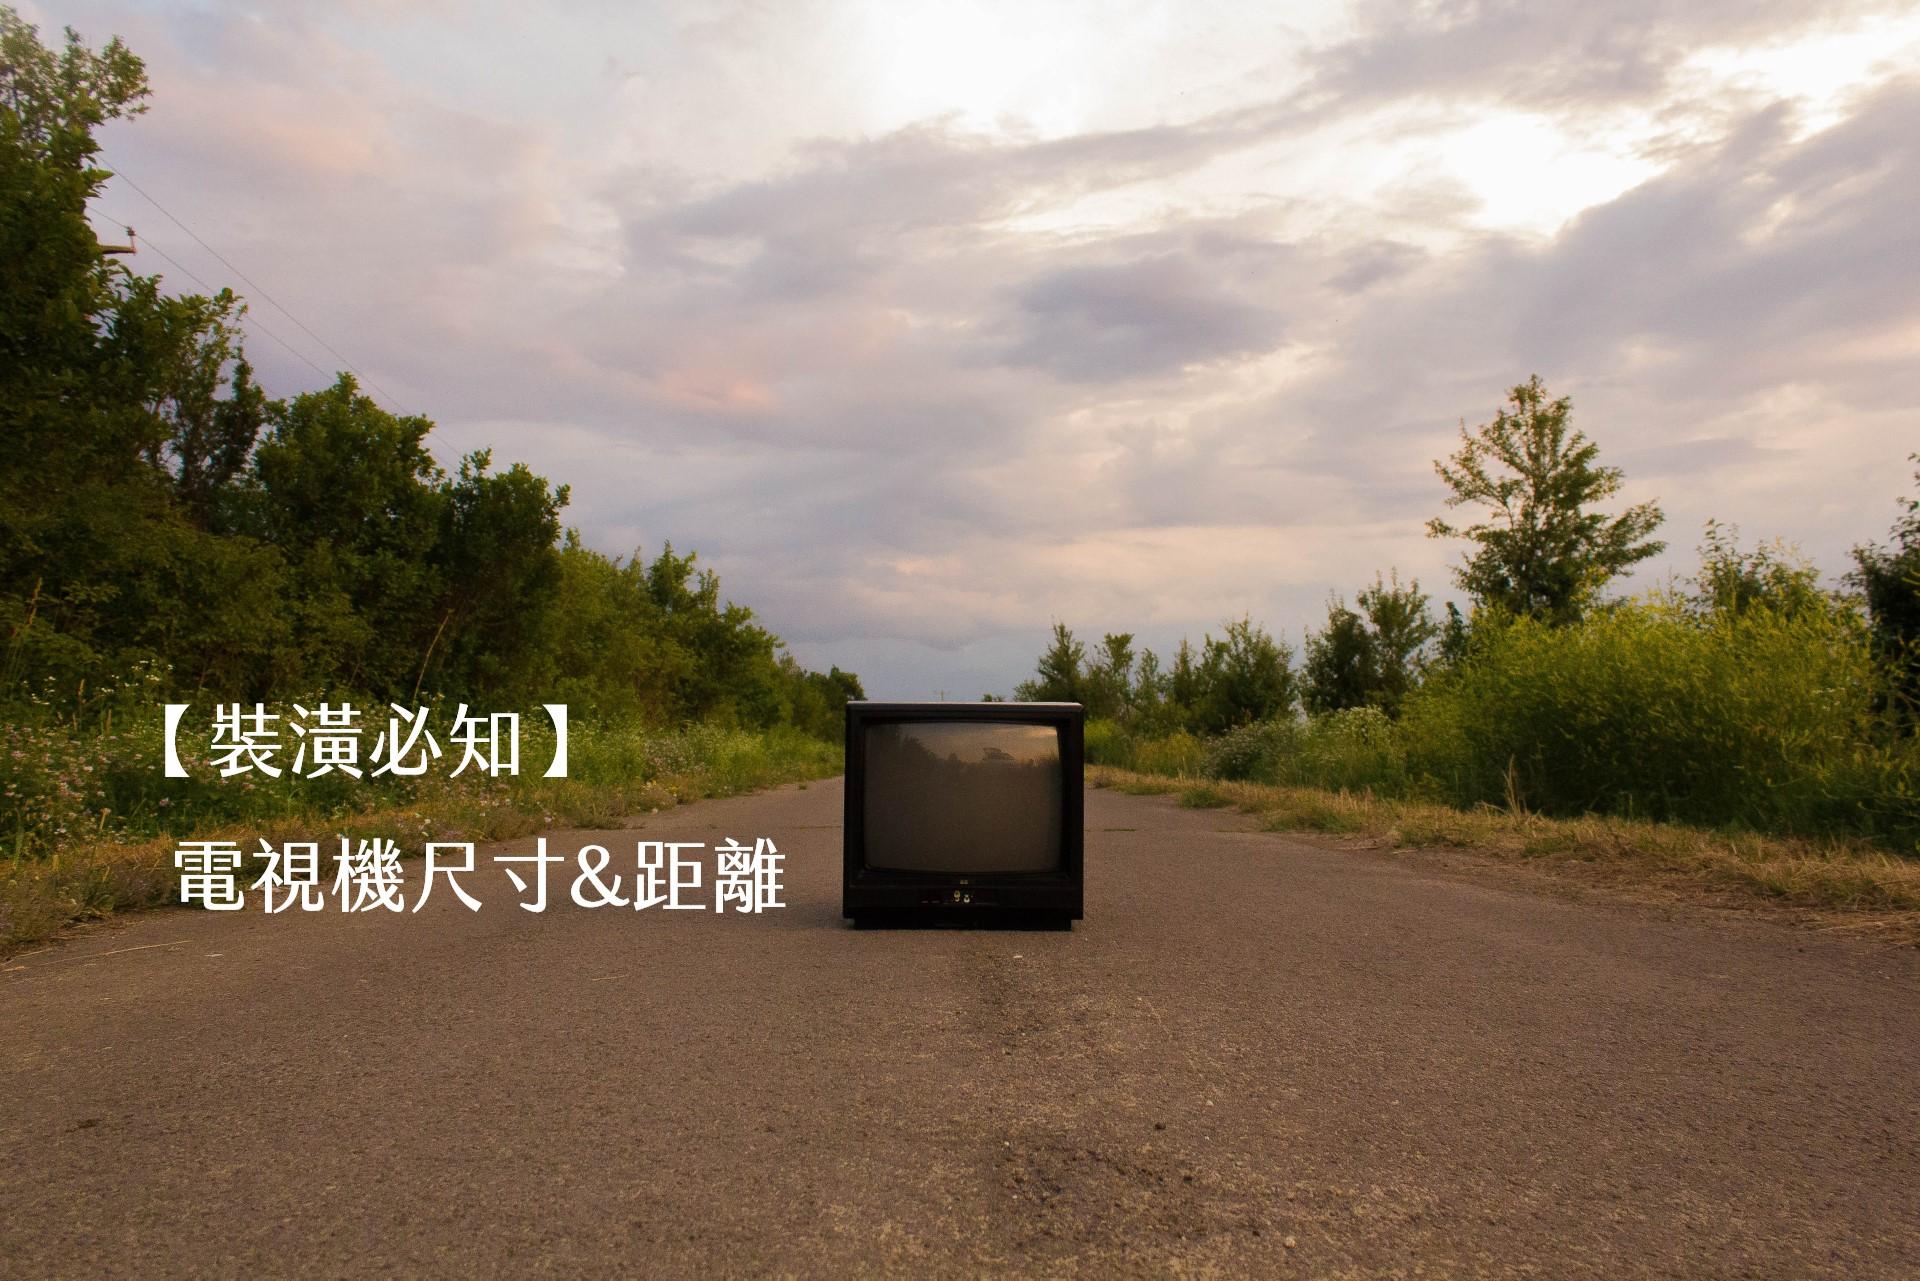 【裝潢必知】電視機尺寸距離 4